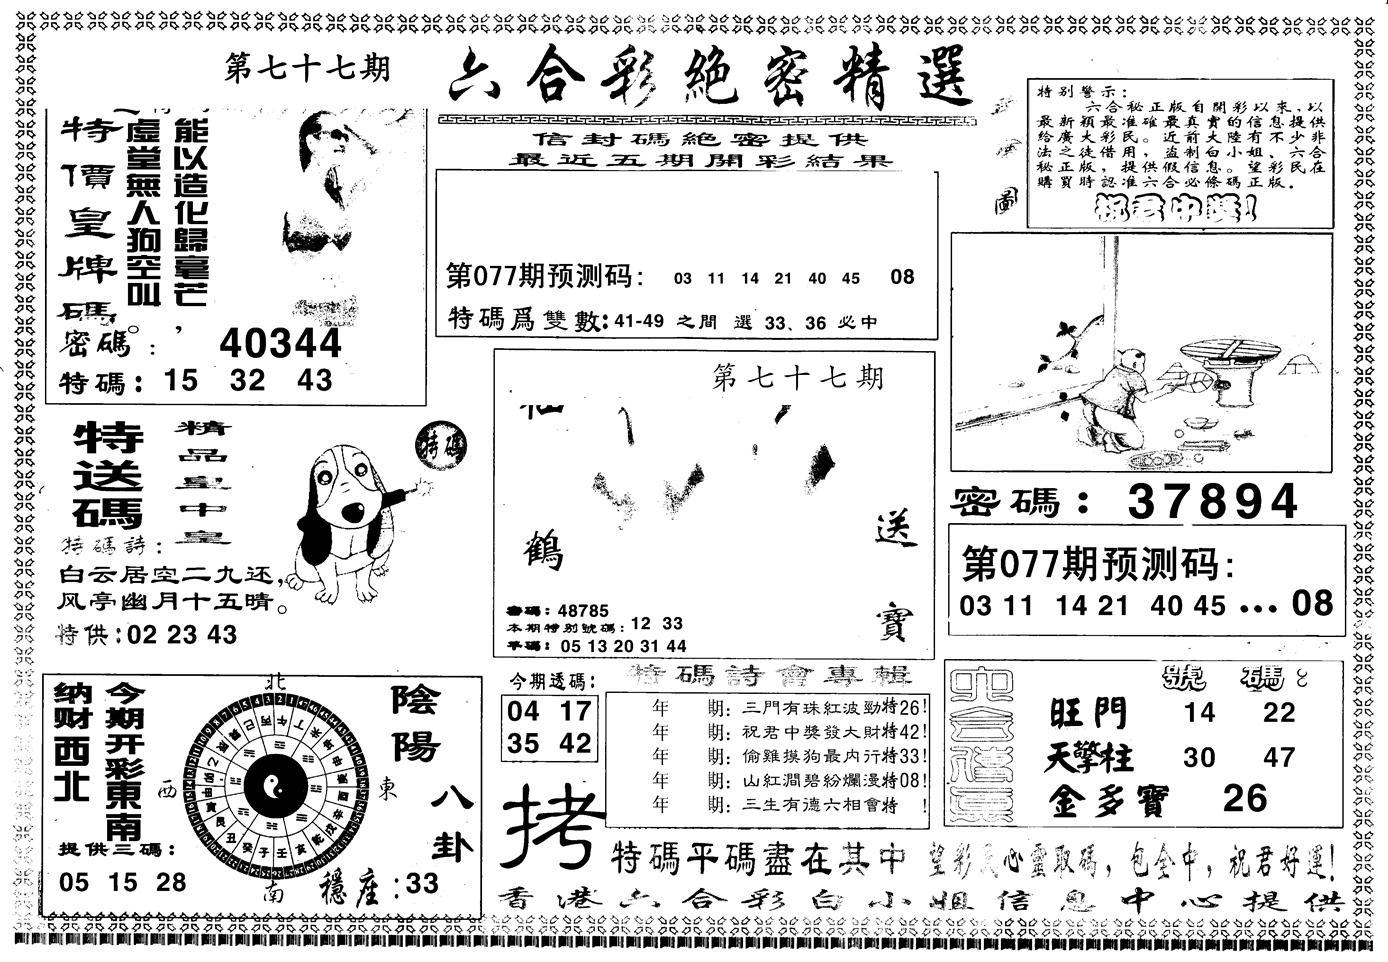 077期另版白姐绝密精选A(黑白)